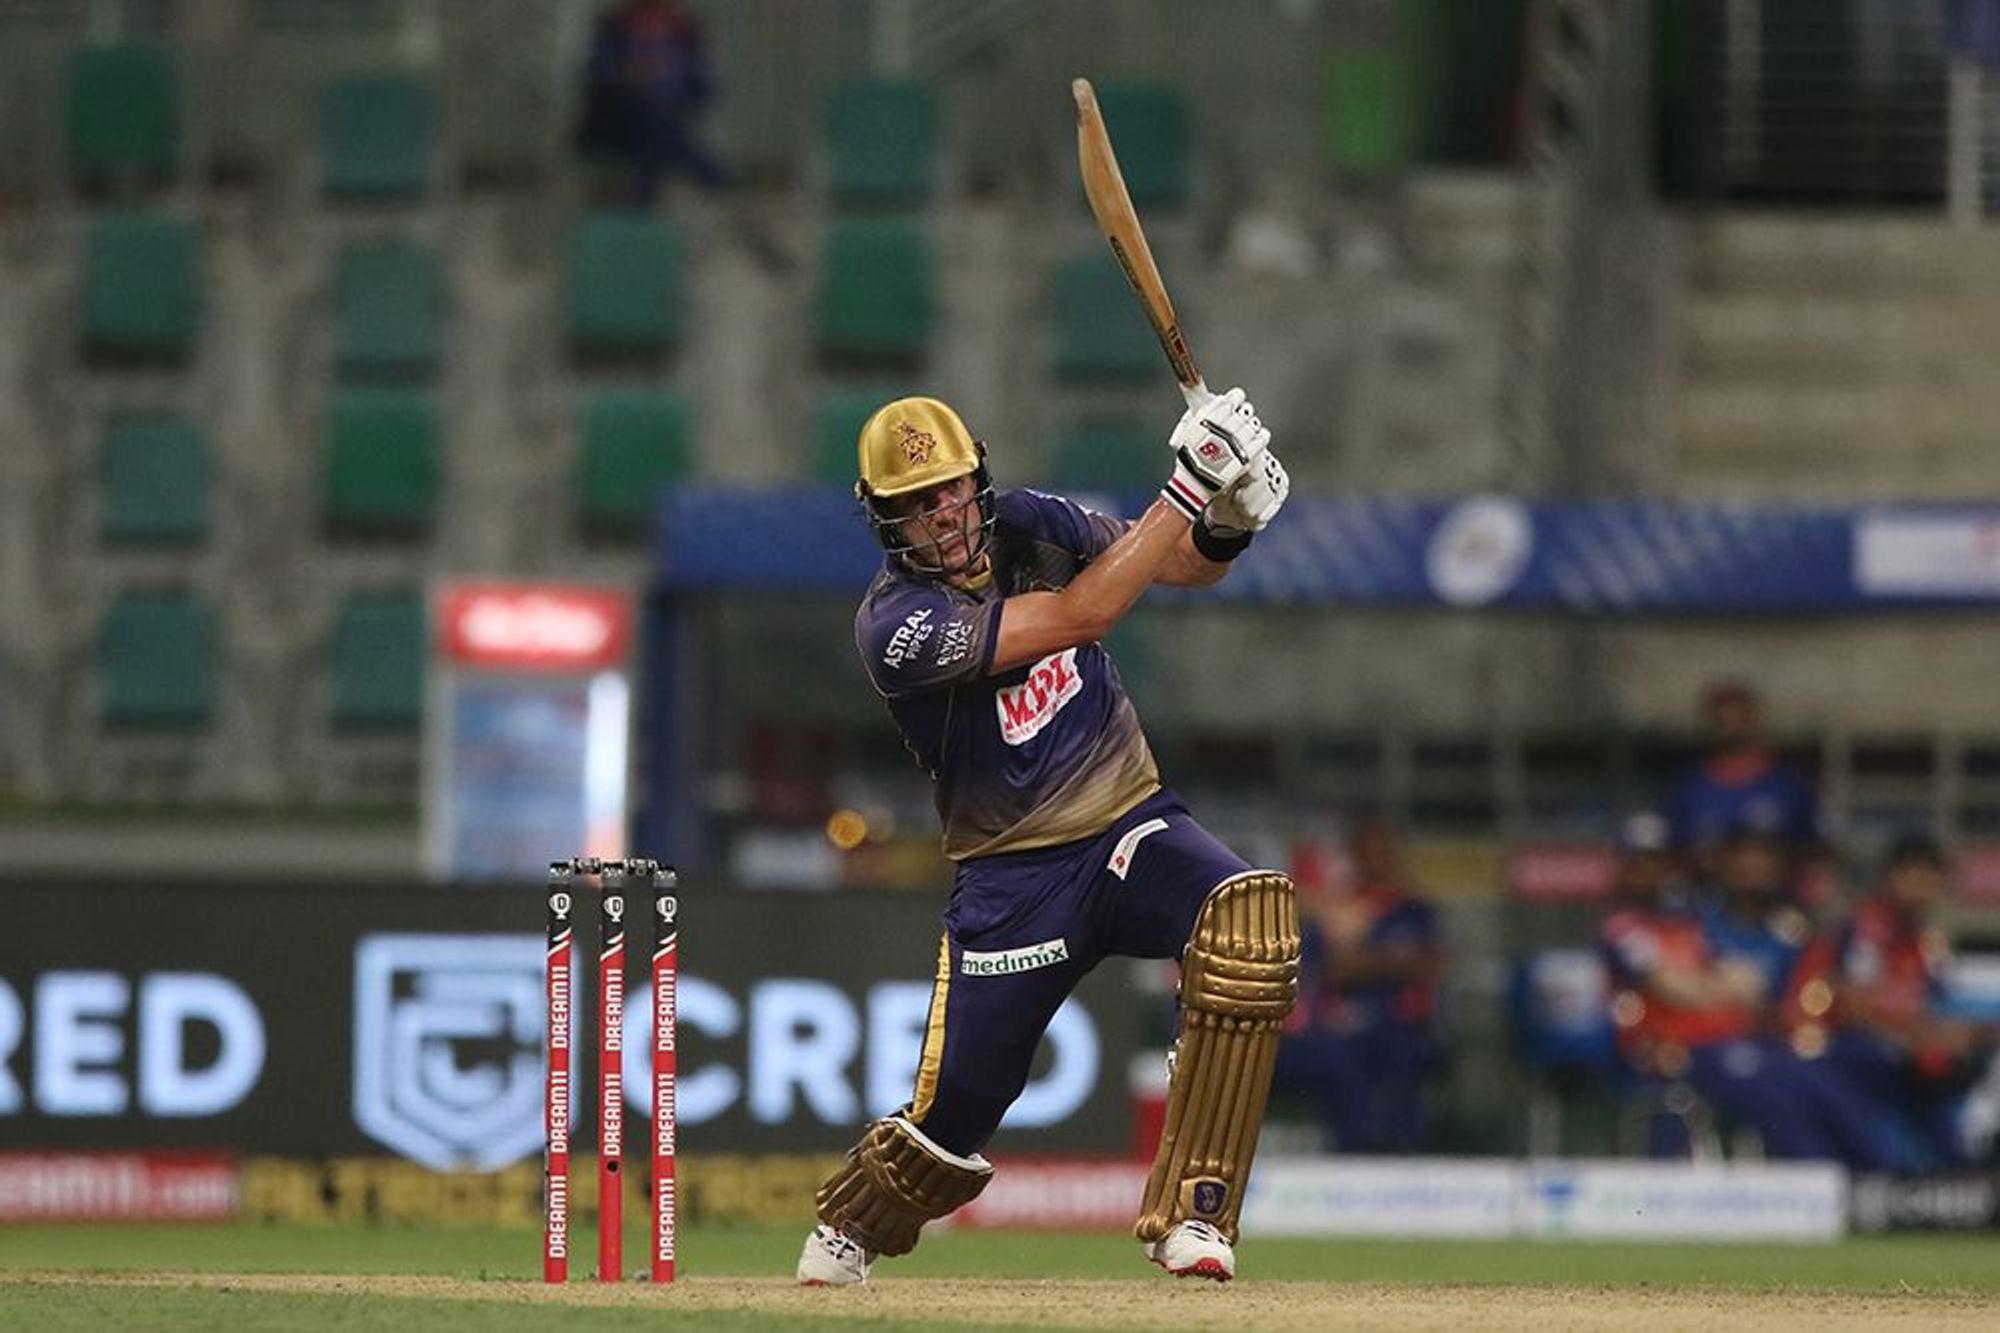 कोलकाता के पैट कमिंस ने जसप्रीत बुमराह के एक ओवर में 4 छक्के लगाए।